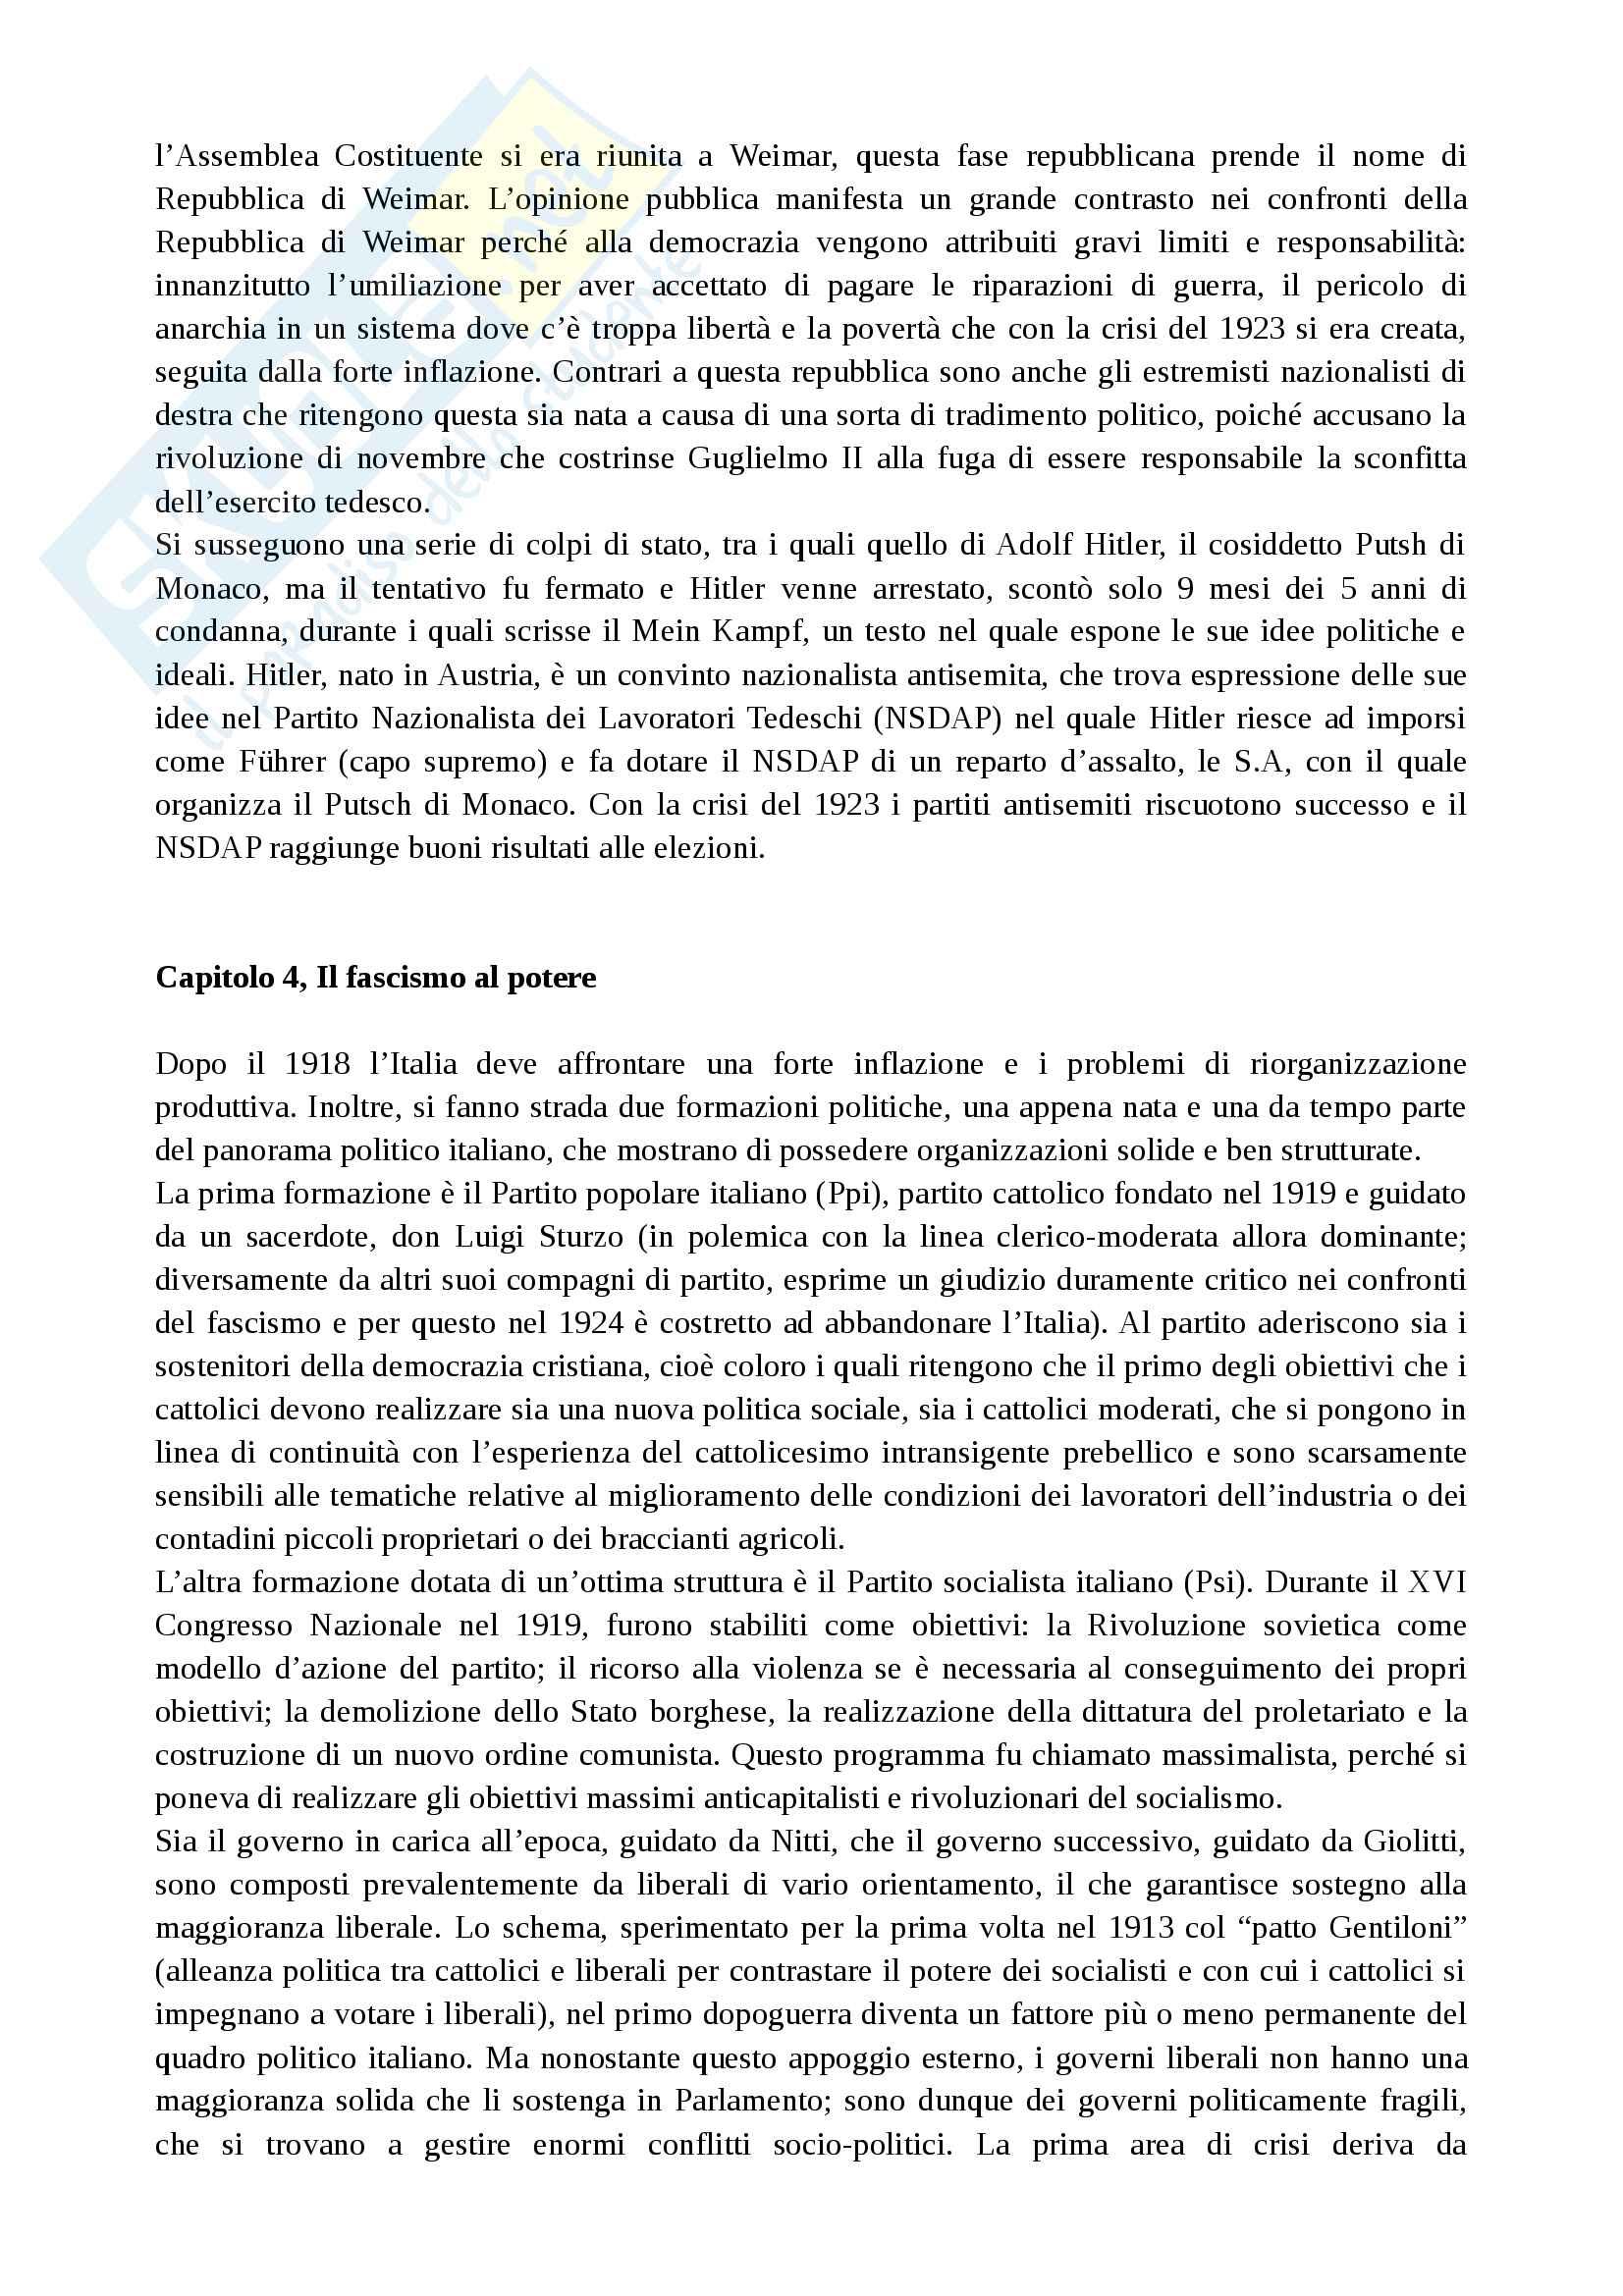 Riassunto esame Storia Contemporanea, prof. Mattera Pag. 11